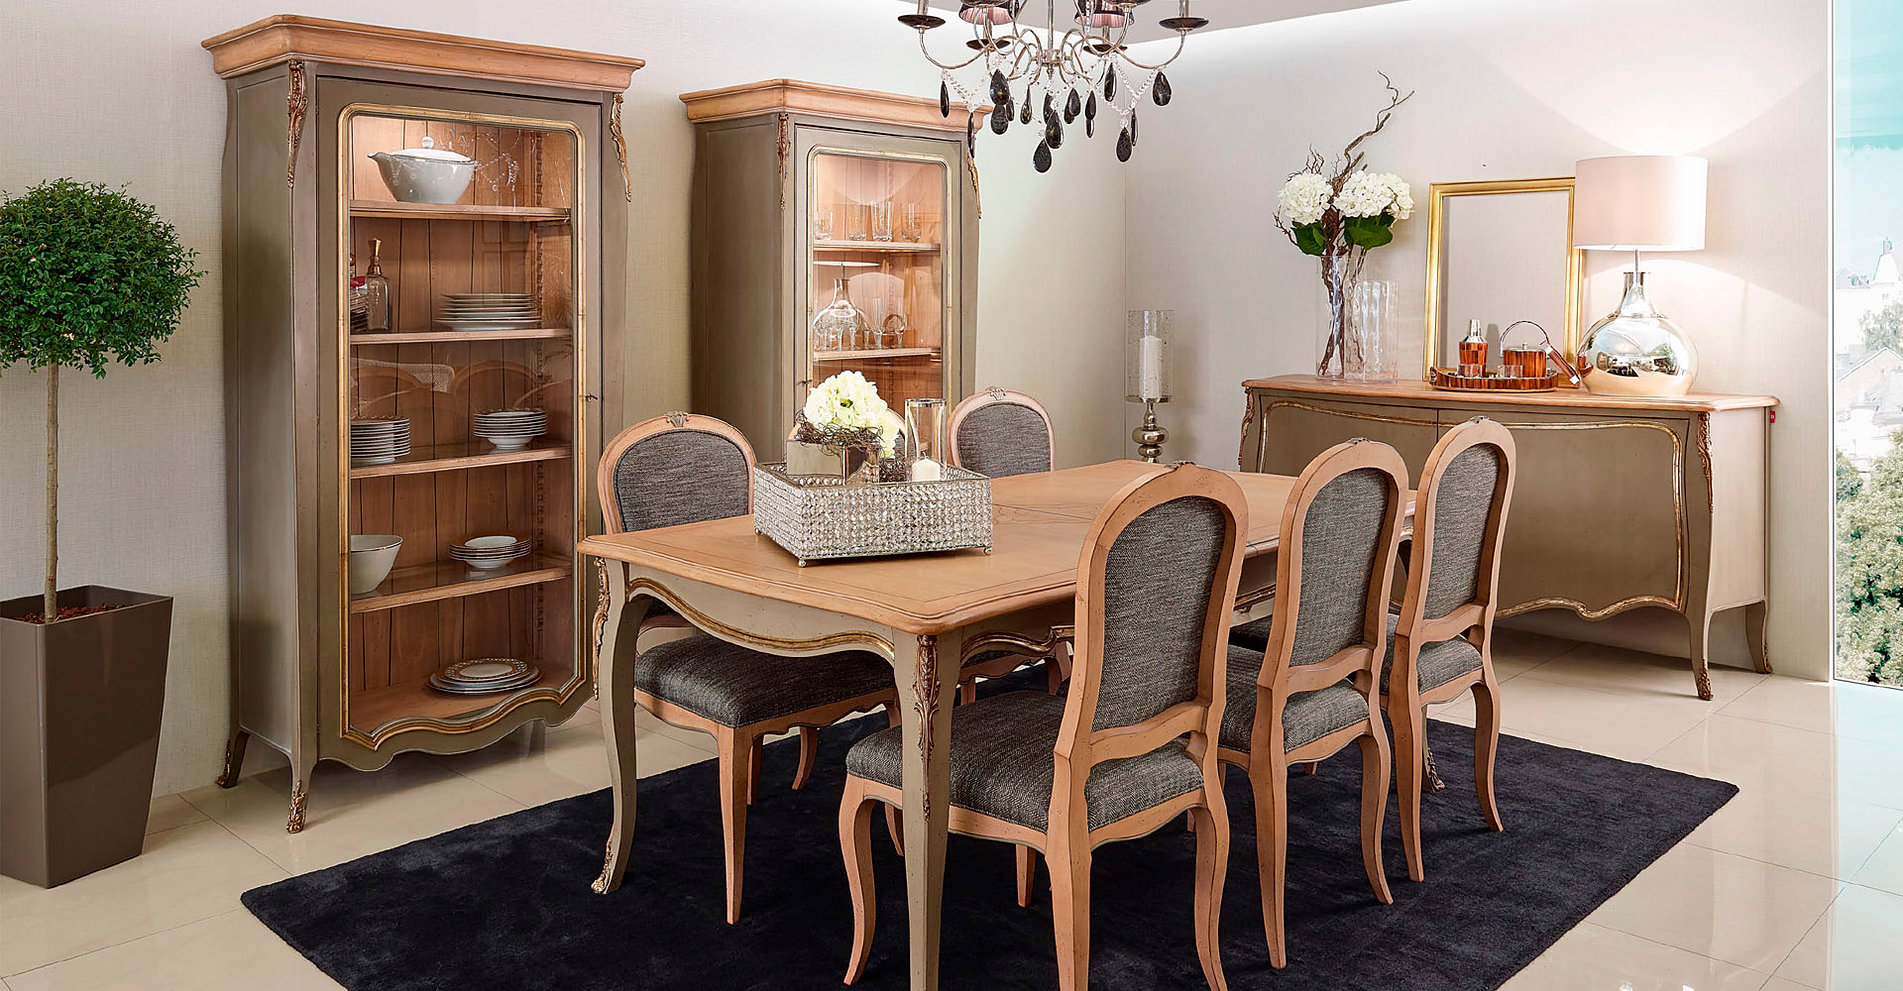 Tienda de muebles monen comedores clasicos madrid for Catalogo de comedores